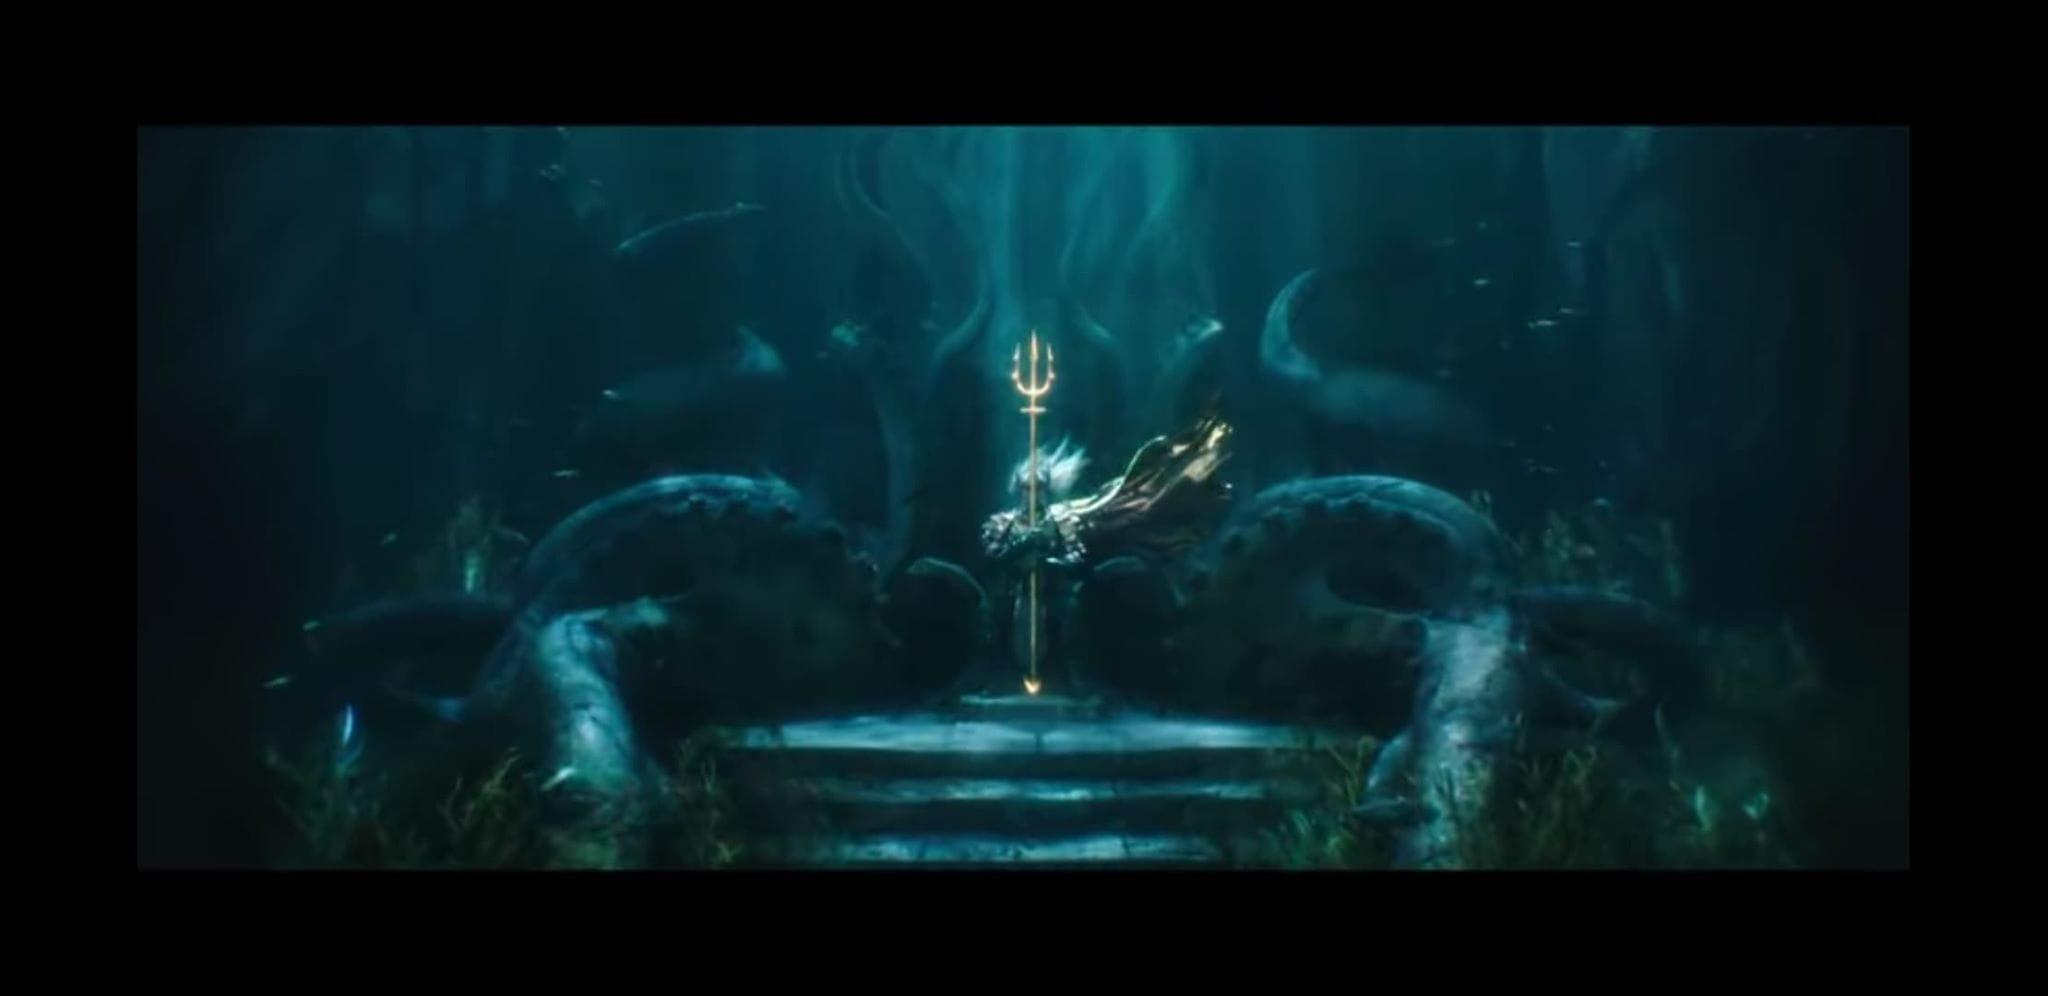 Aquaman | Maior bilheteria da DC, números atualizados e agradecimento especial de Momoa